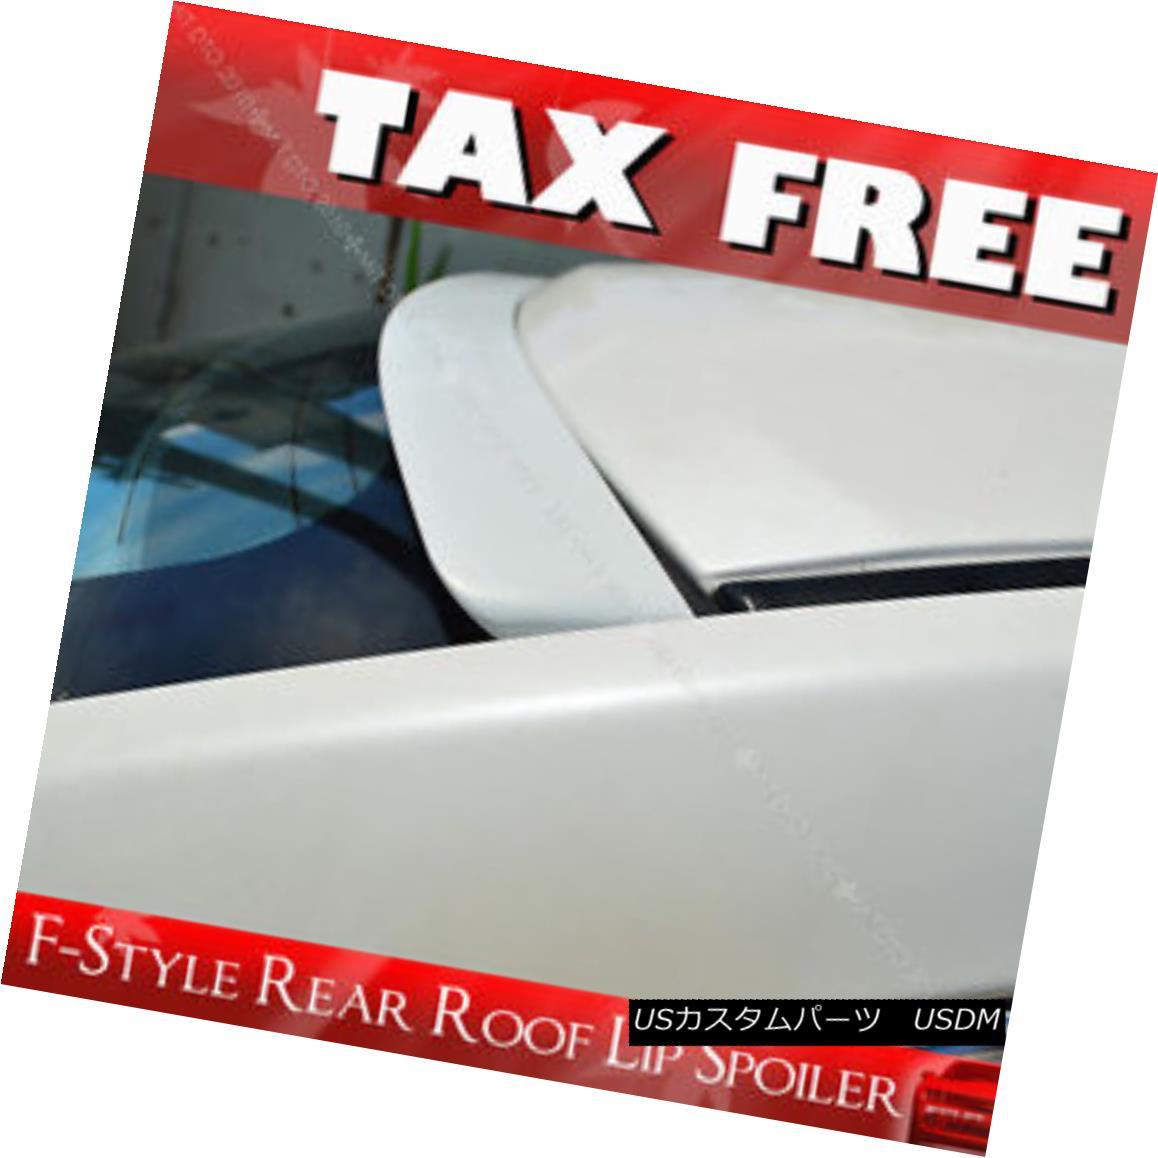 エアロパーツ Painted Rear Roof Lip Spoiler Wing F-Style for NISSAN Sentra B16 Sedan 07-12 § NISSAN Sentra B16セダン07-12 Painの塗装済みリアルーフリップスポイラーウィングFスタイル